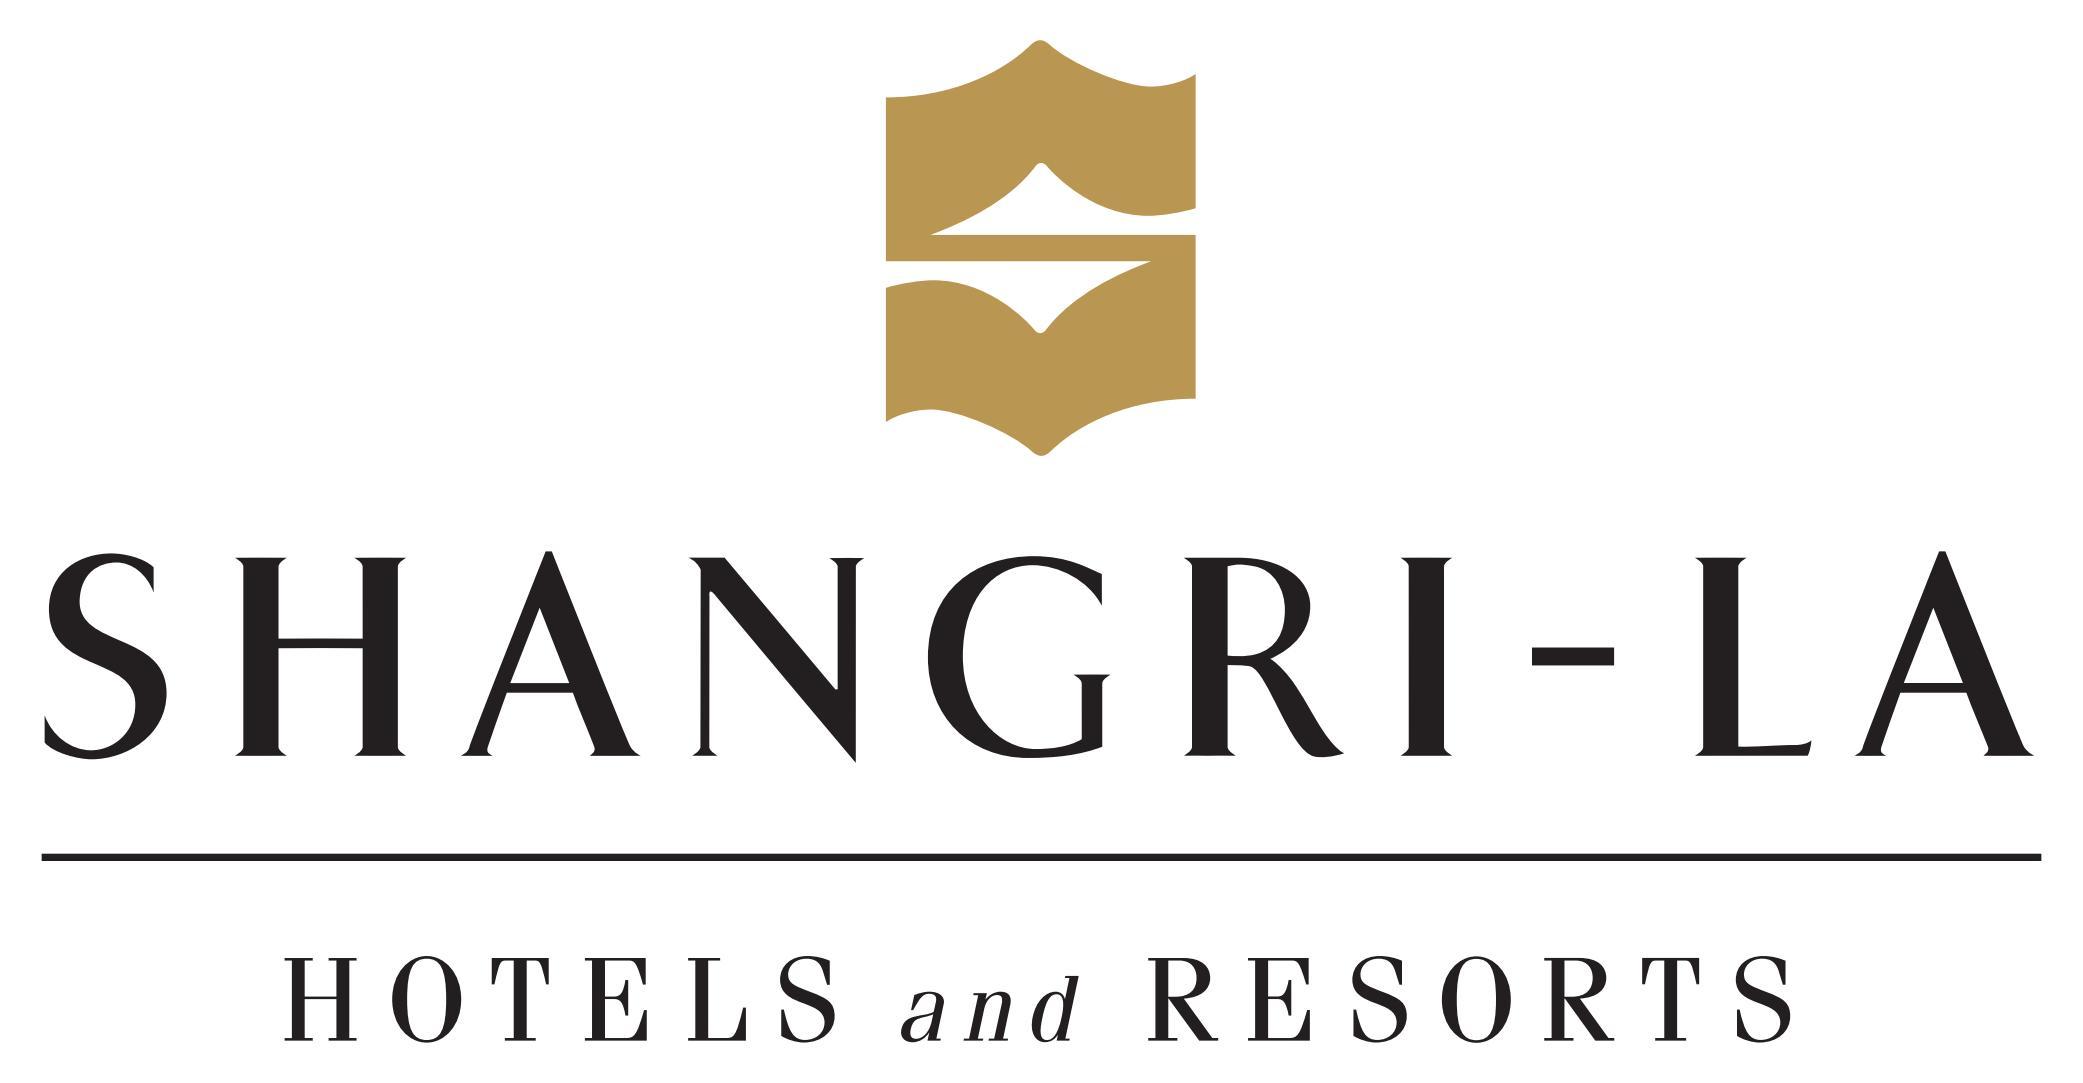 shangri-la_hotels_and_resots-logo.jpg